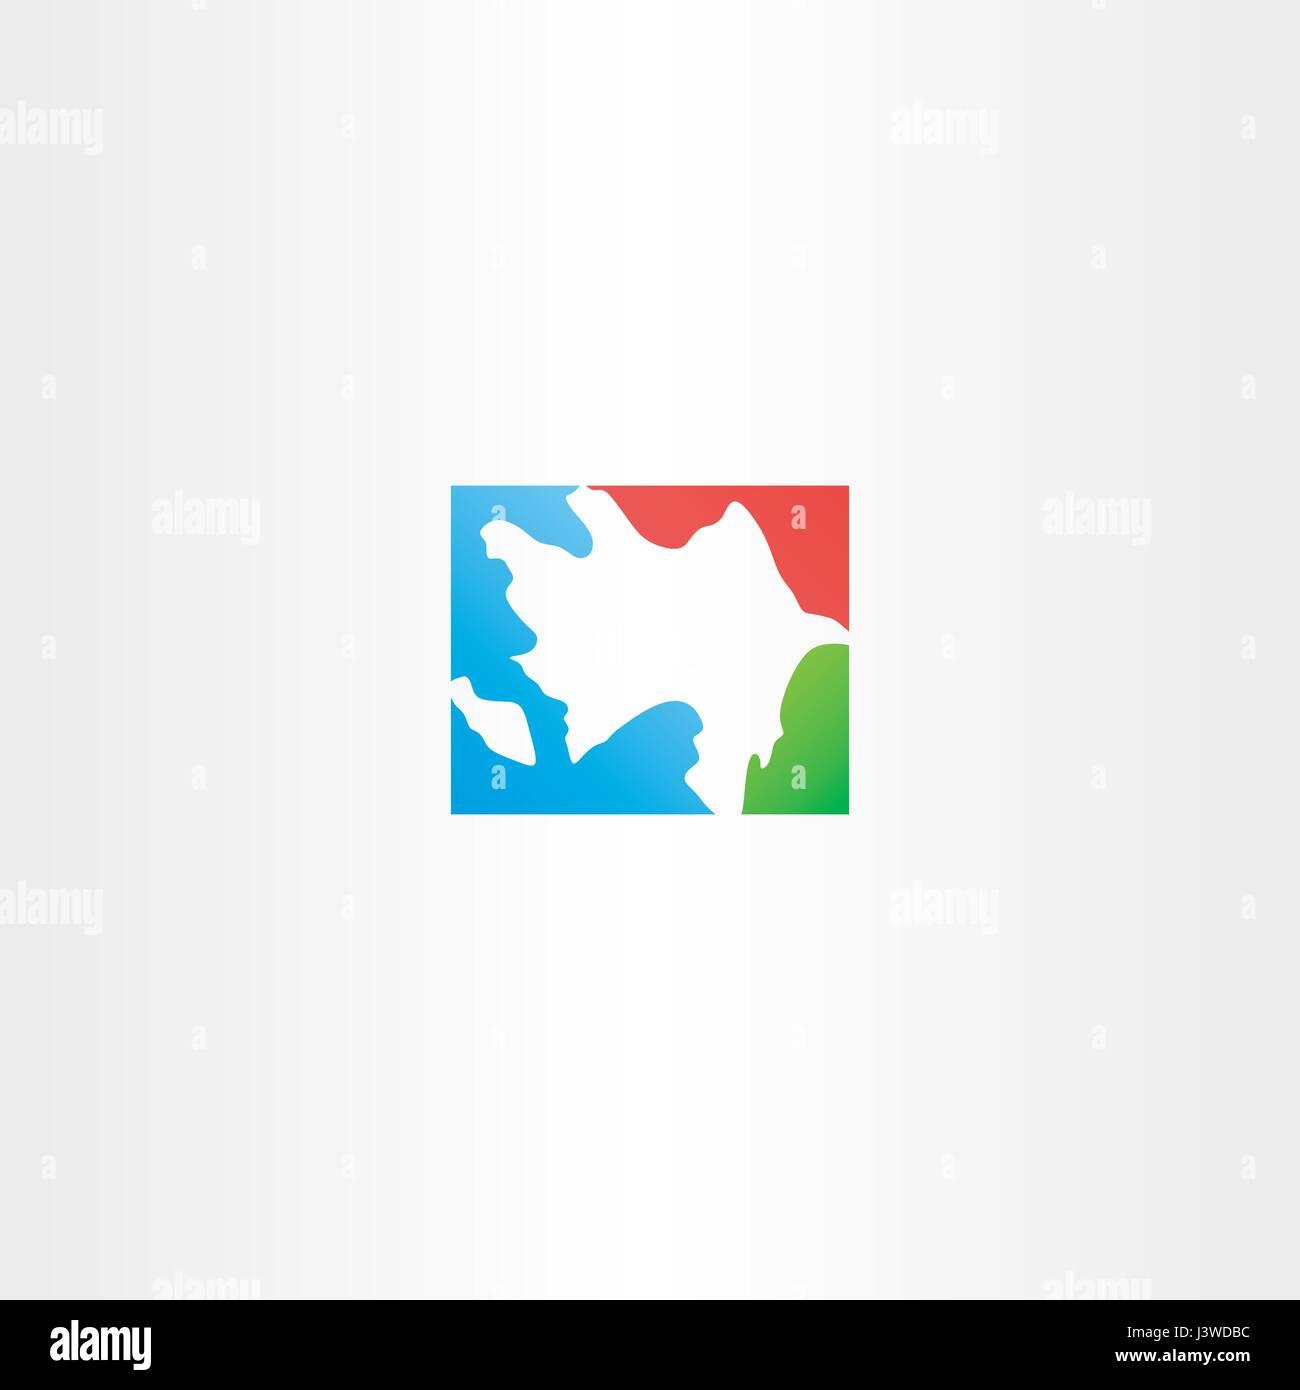 azerbaijan map icon logo vector design - Stock Vector